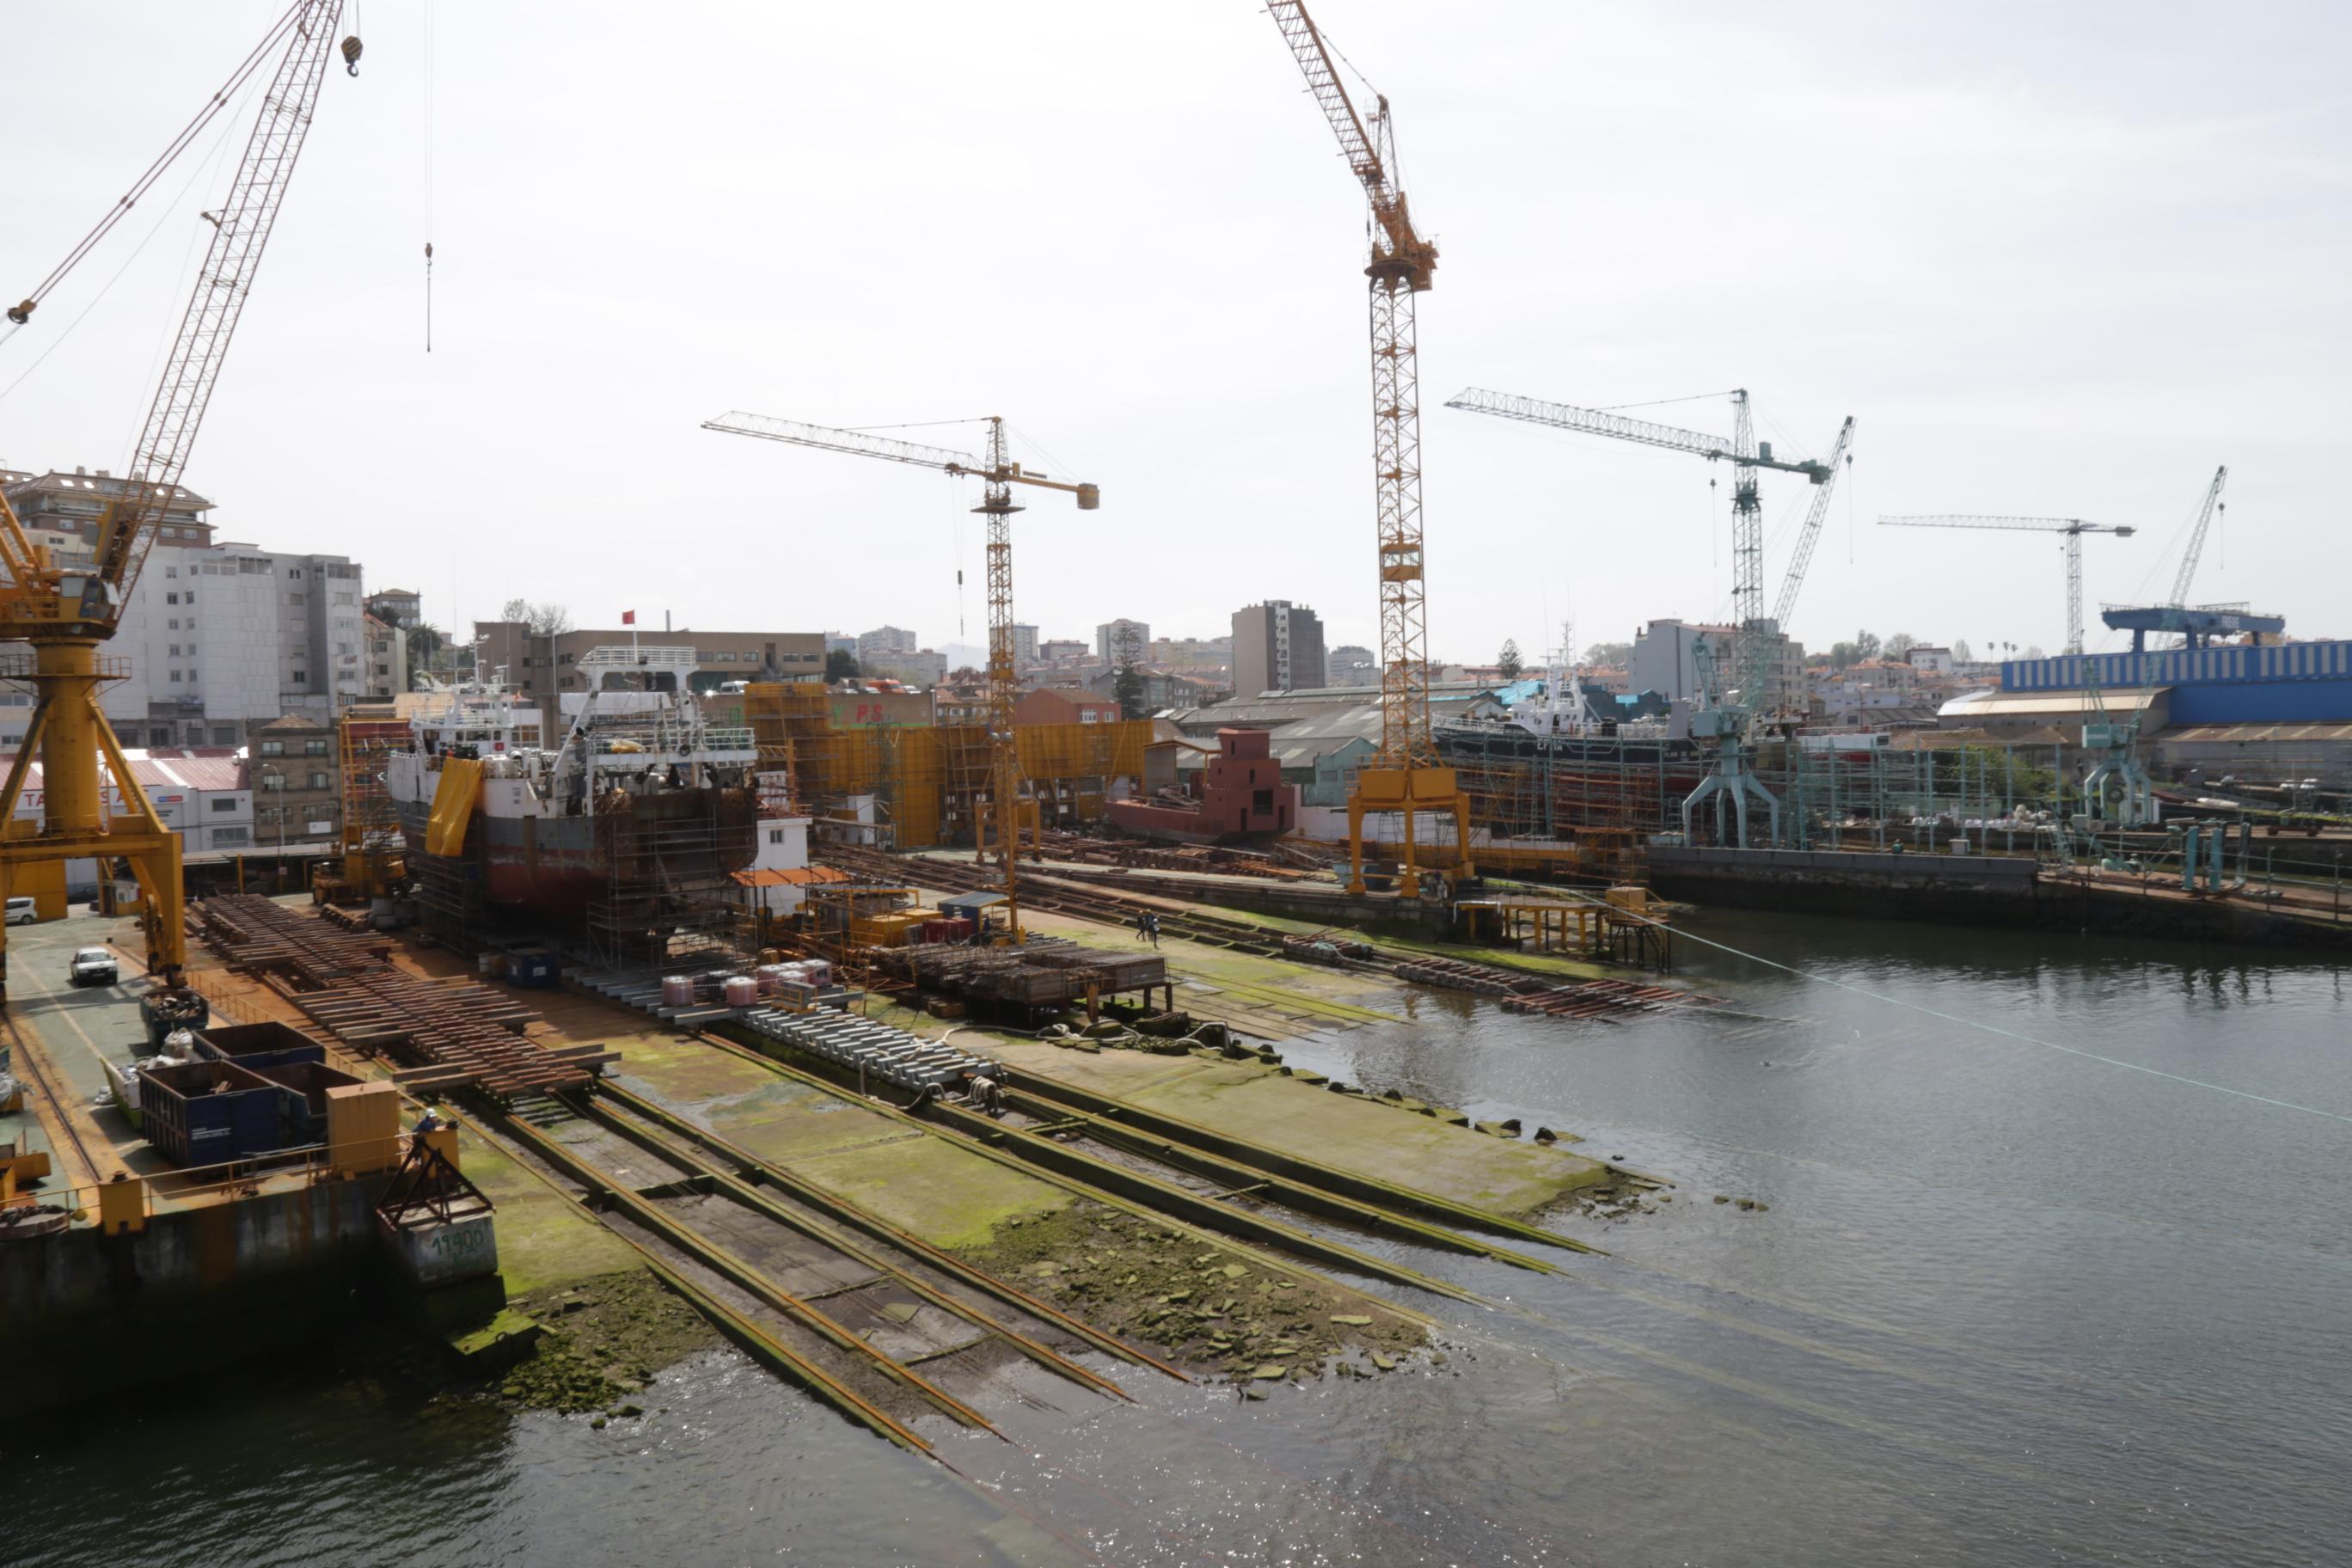 Facilities - Cardama Shipyard